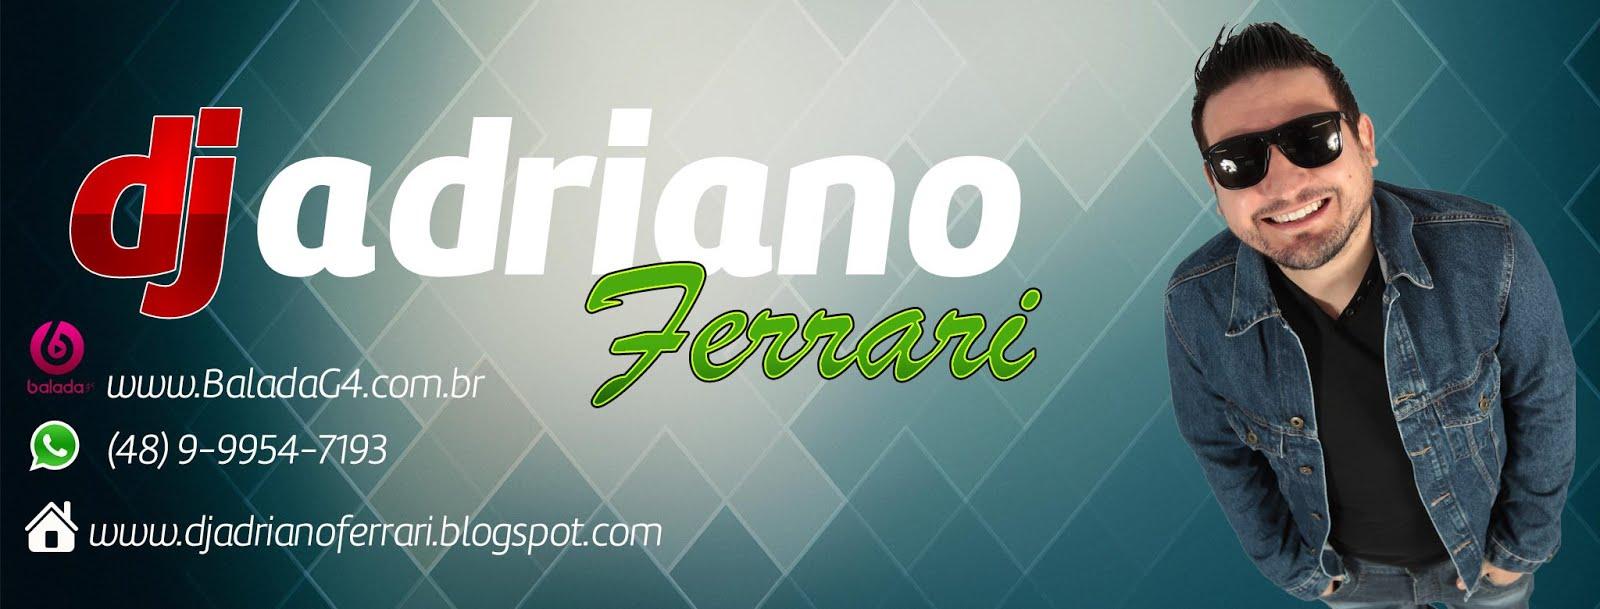 DJ Adriano Ferrari #Eventos & #Shows Contato: Whats App (48)99954-7193 Reserve a Sua Data.